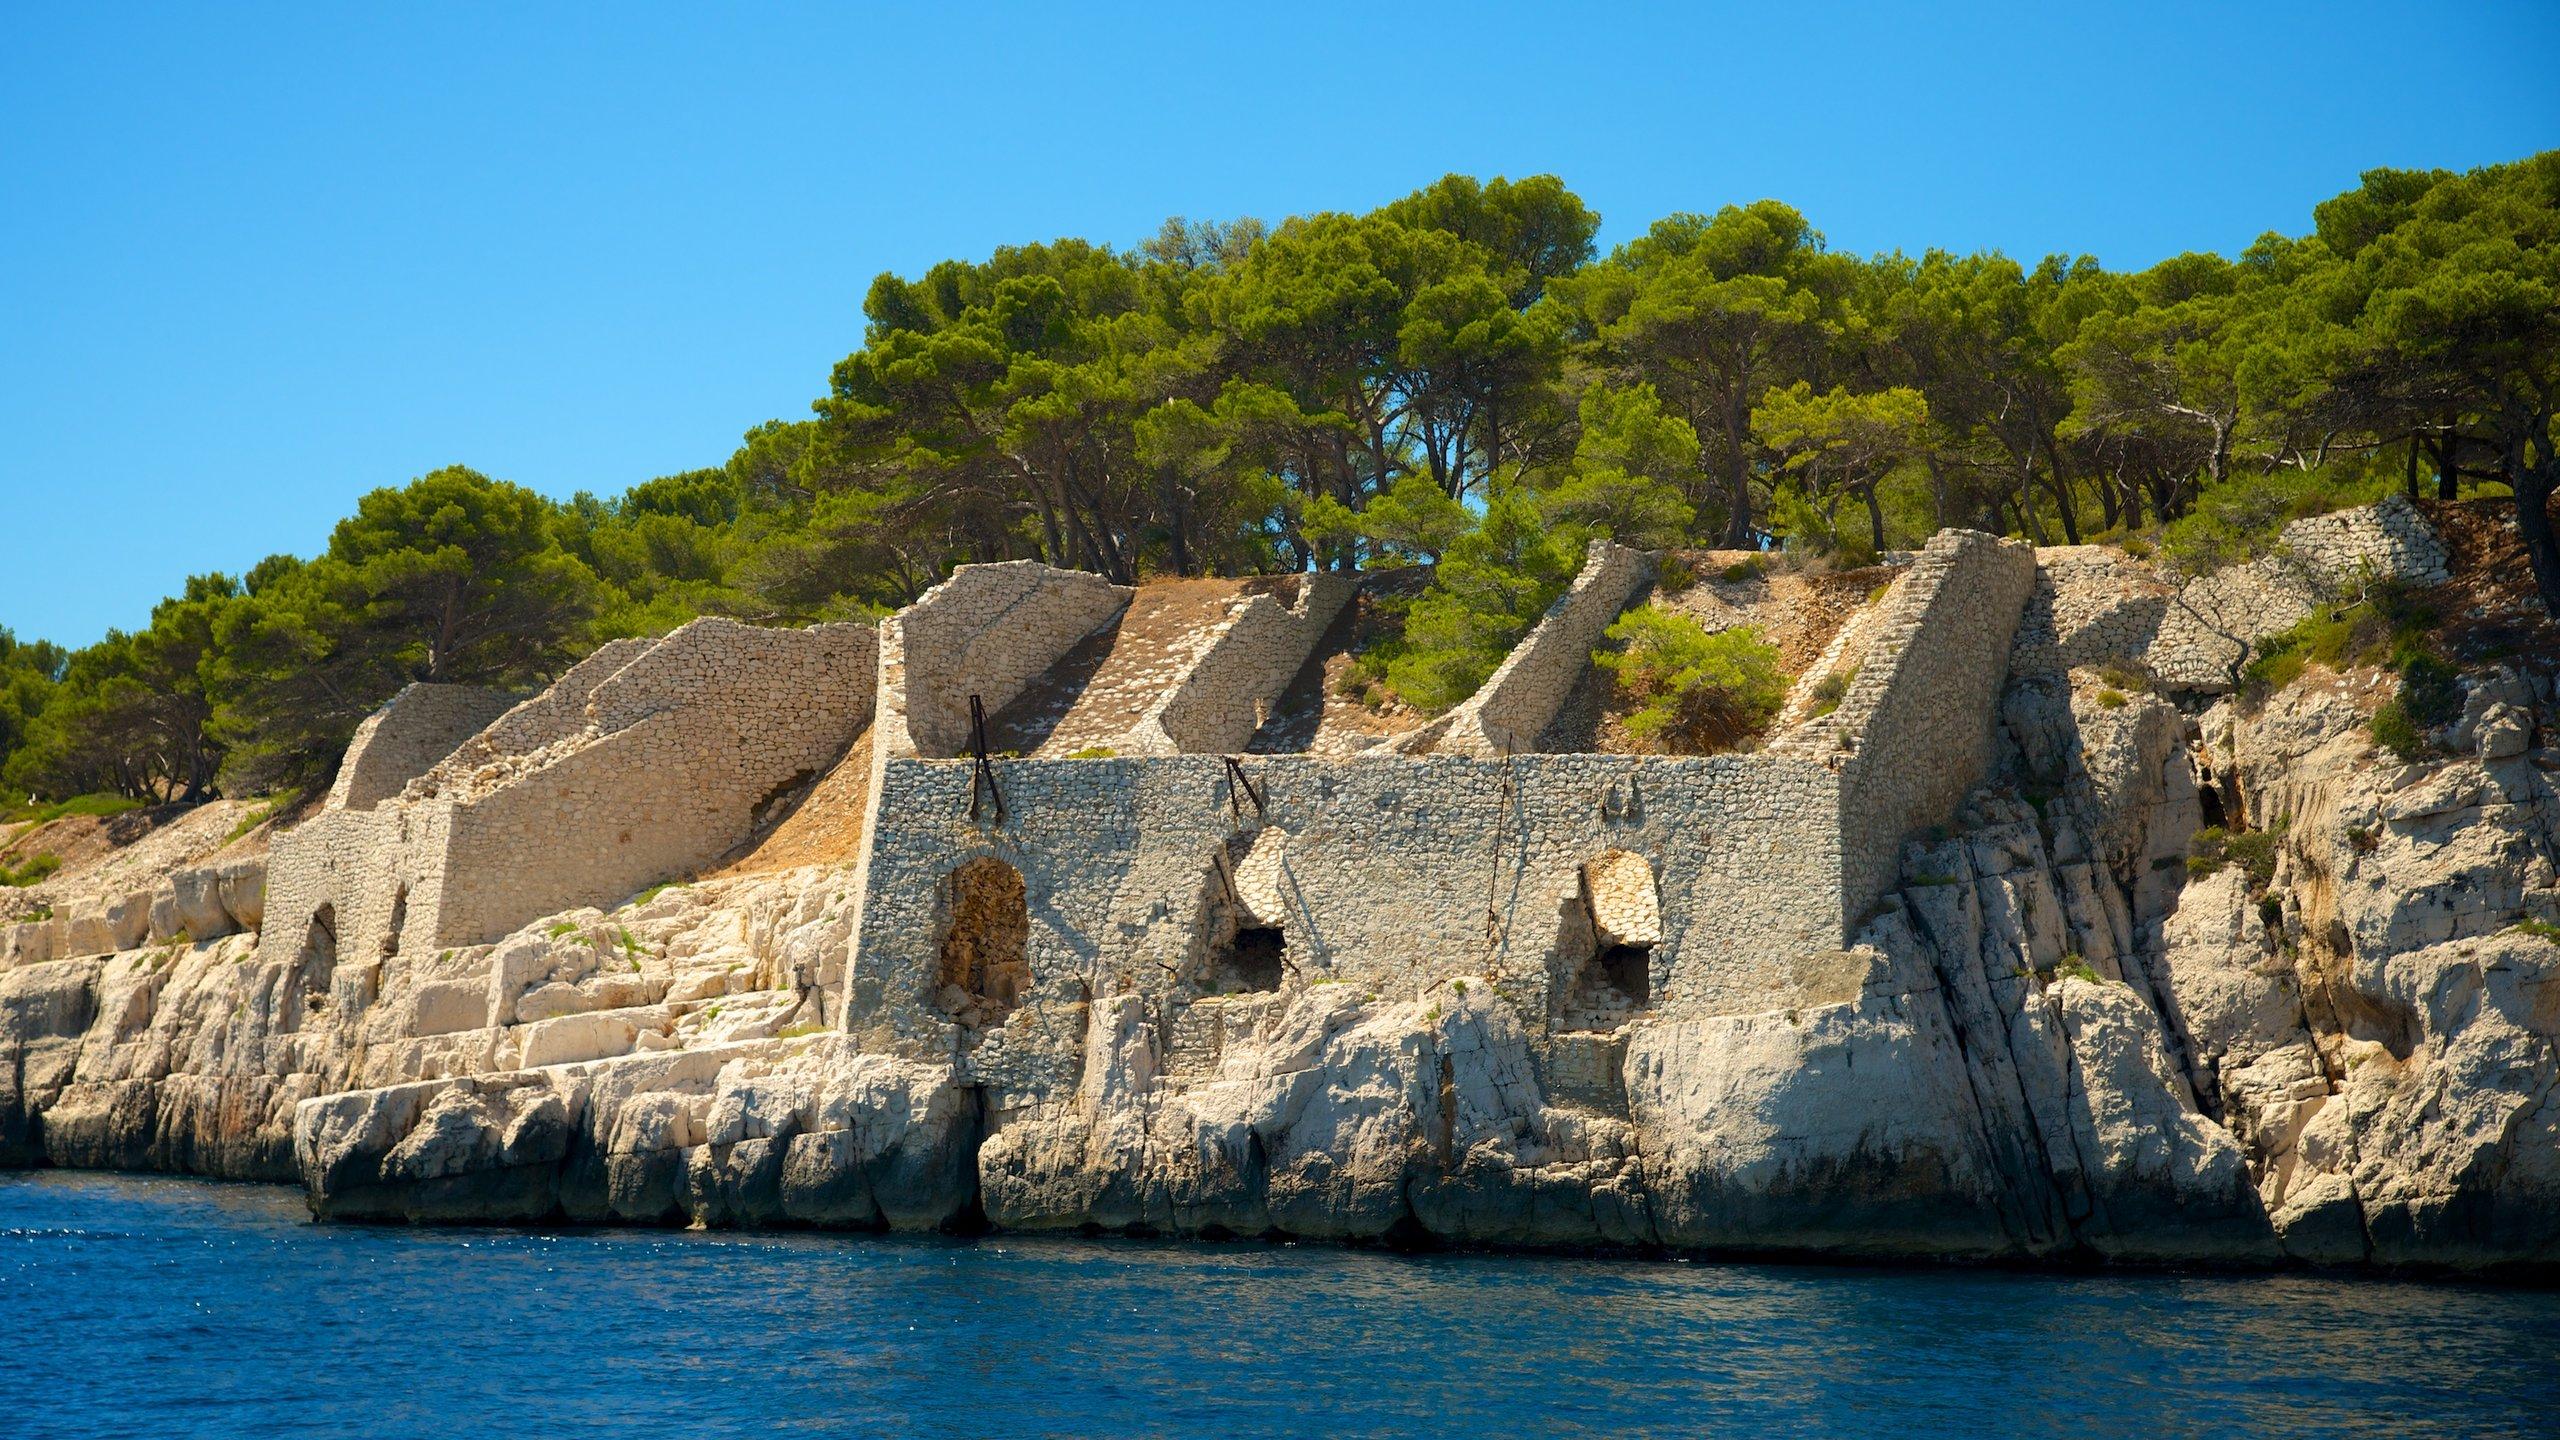 Journée bateau, randonnée ou promenade tranquille pour admirer les falaises de calcaire blanc, les bras de mer et les criques dans lesquelles les plus grands artistes français sont venus chercher l'inspiration.